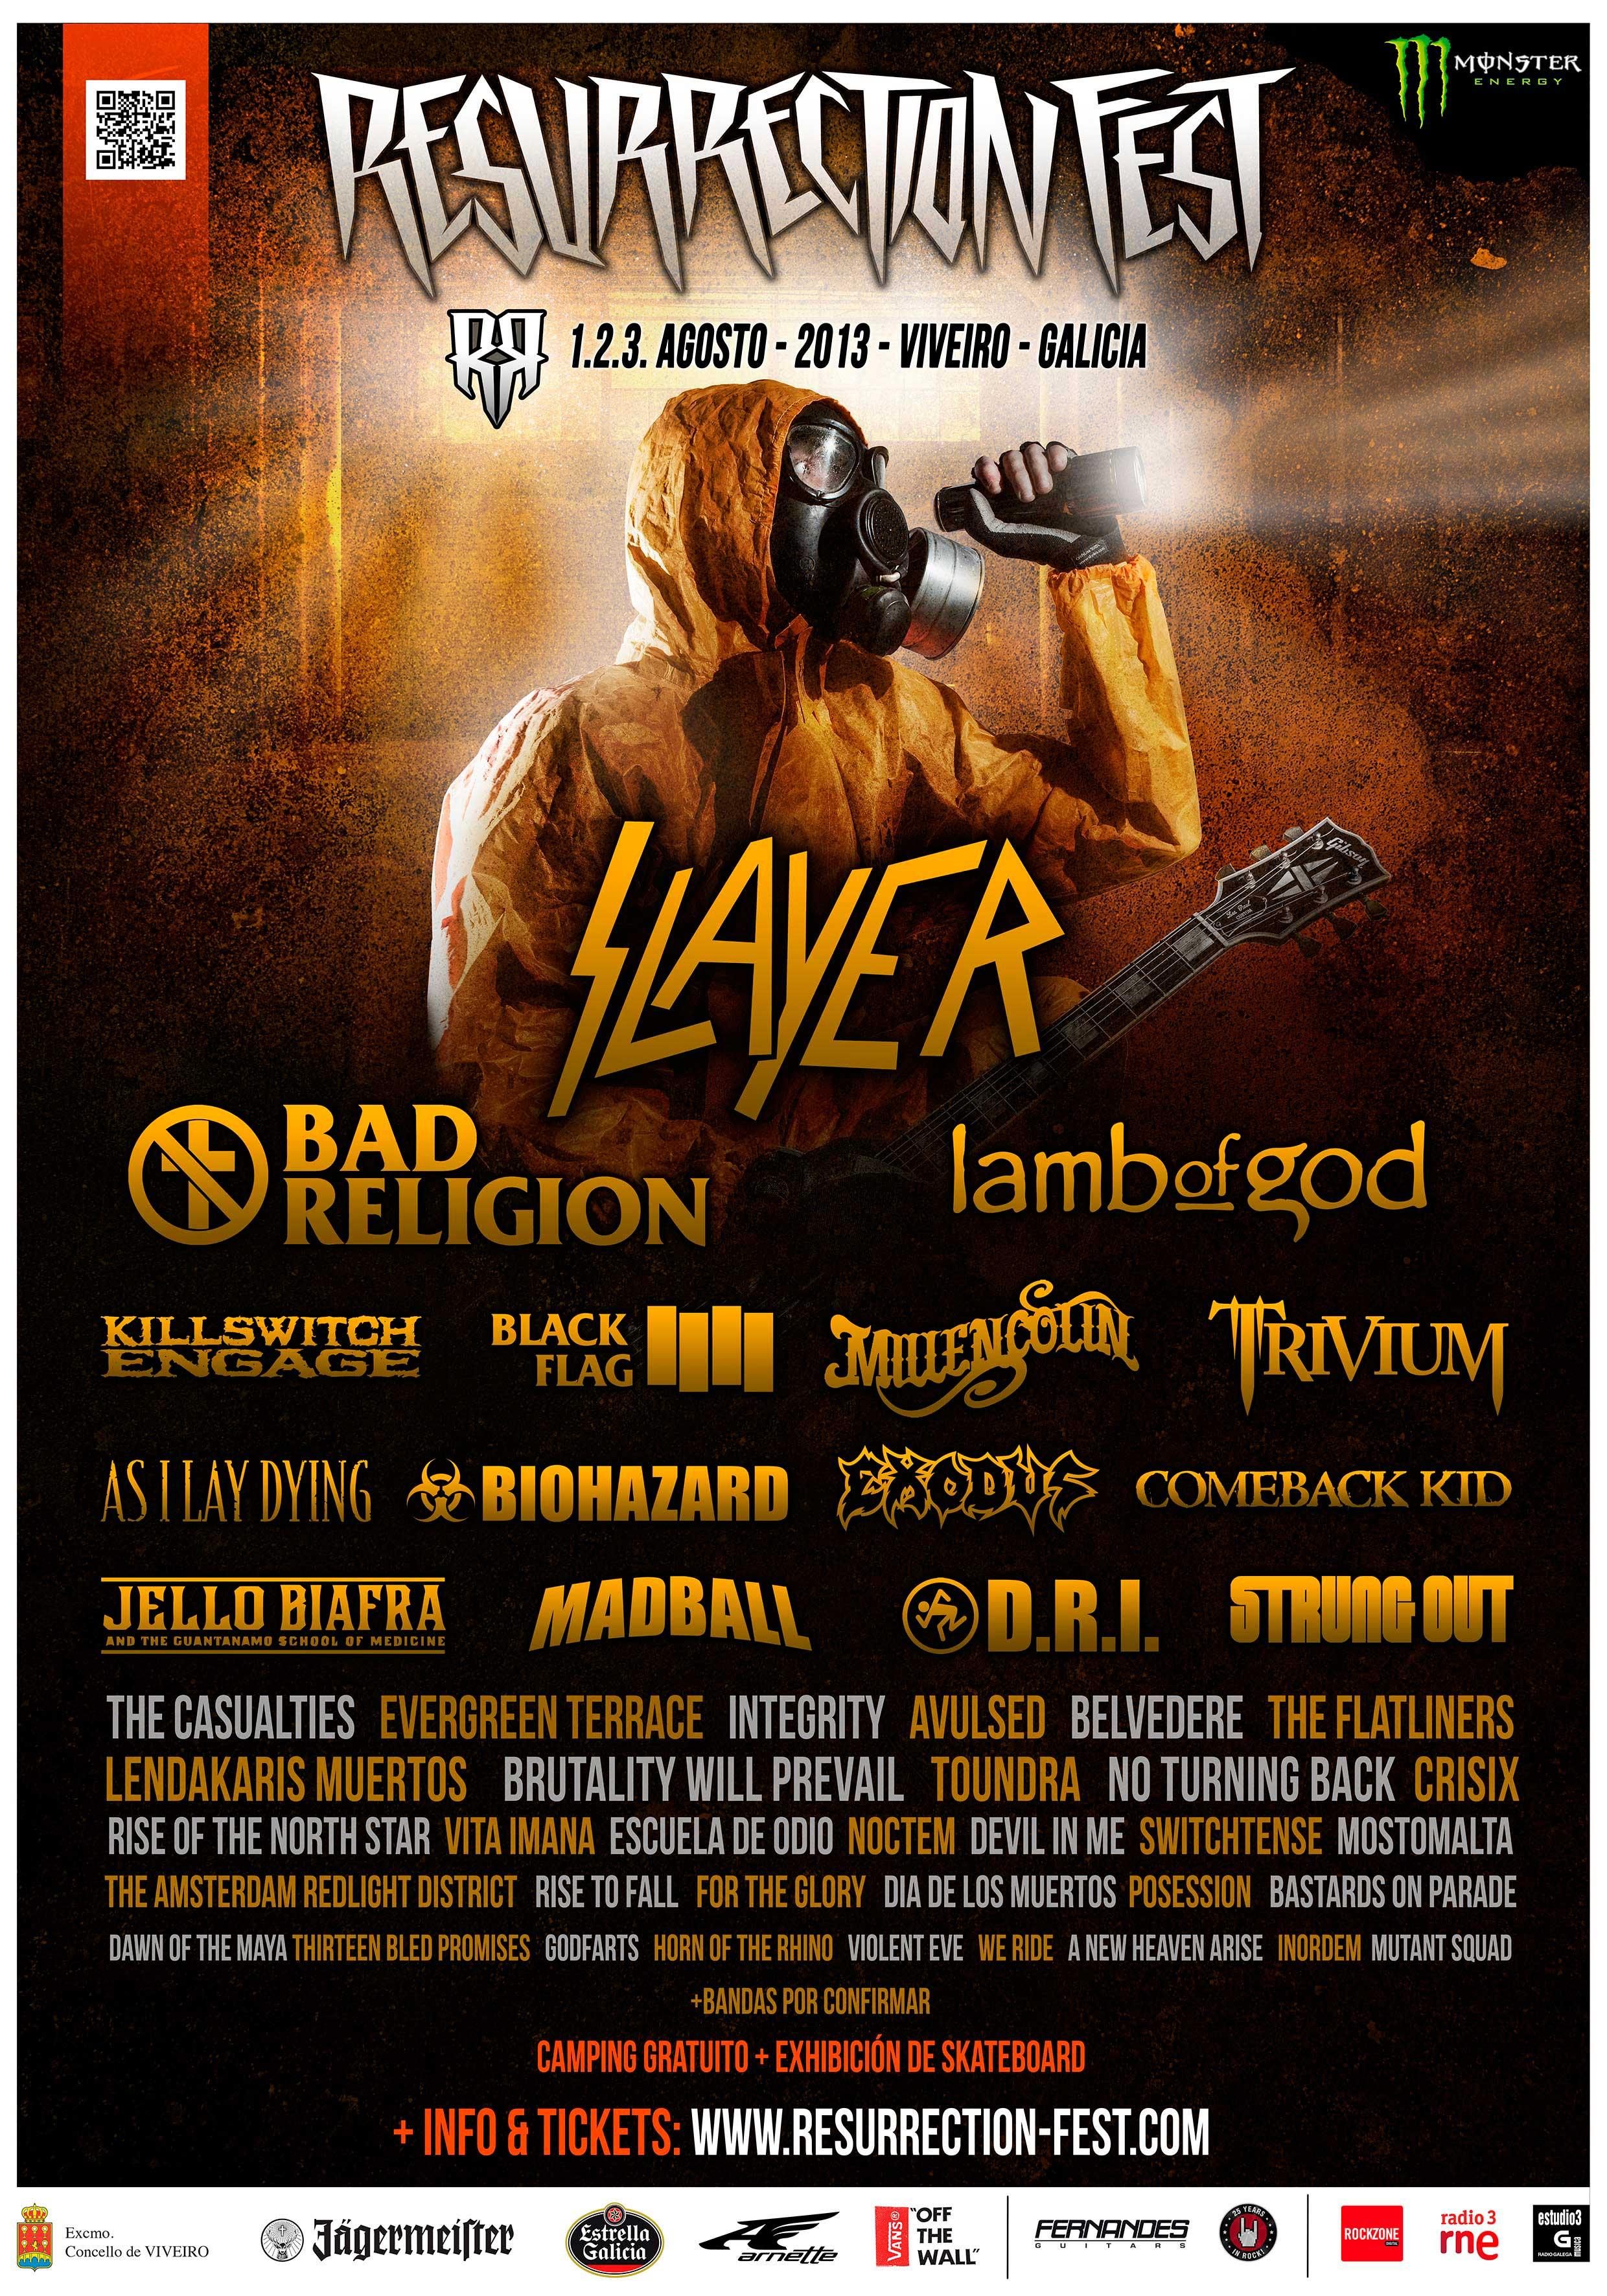 Resurrection Fest 2013